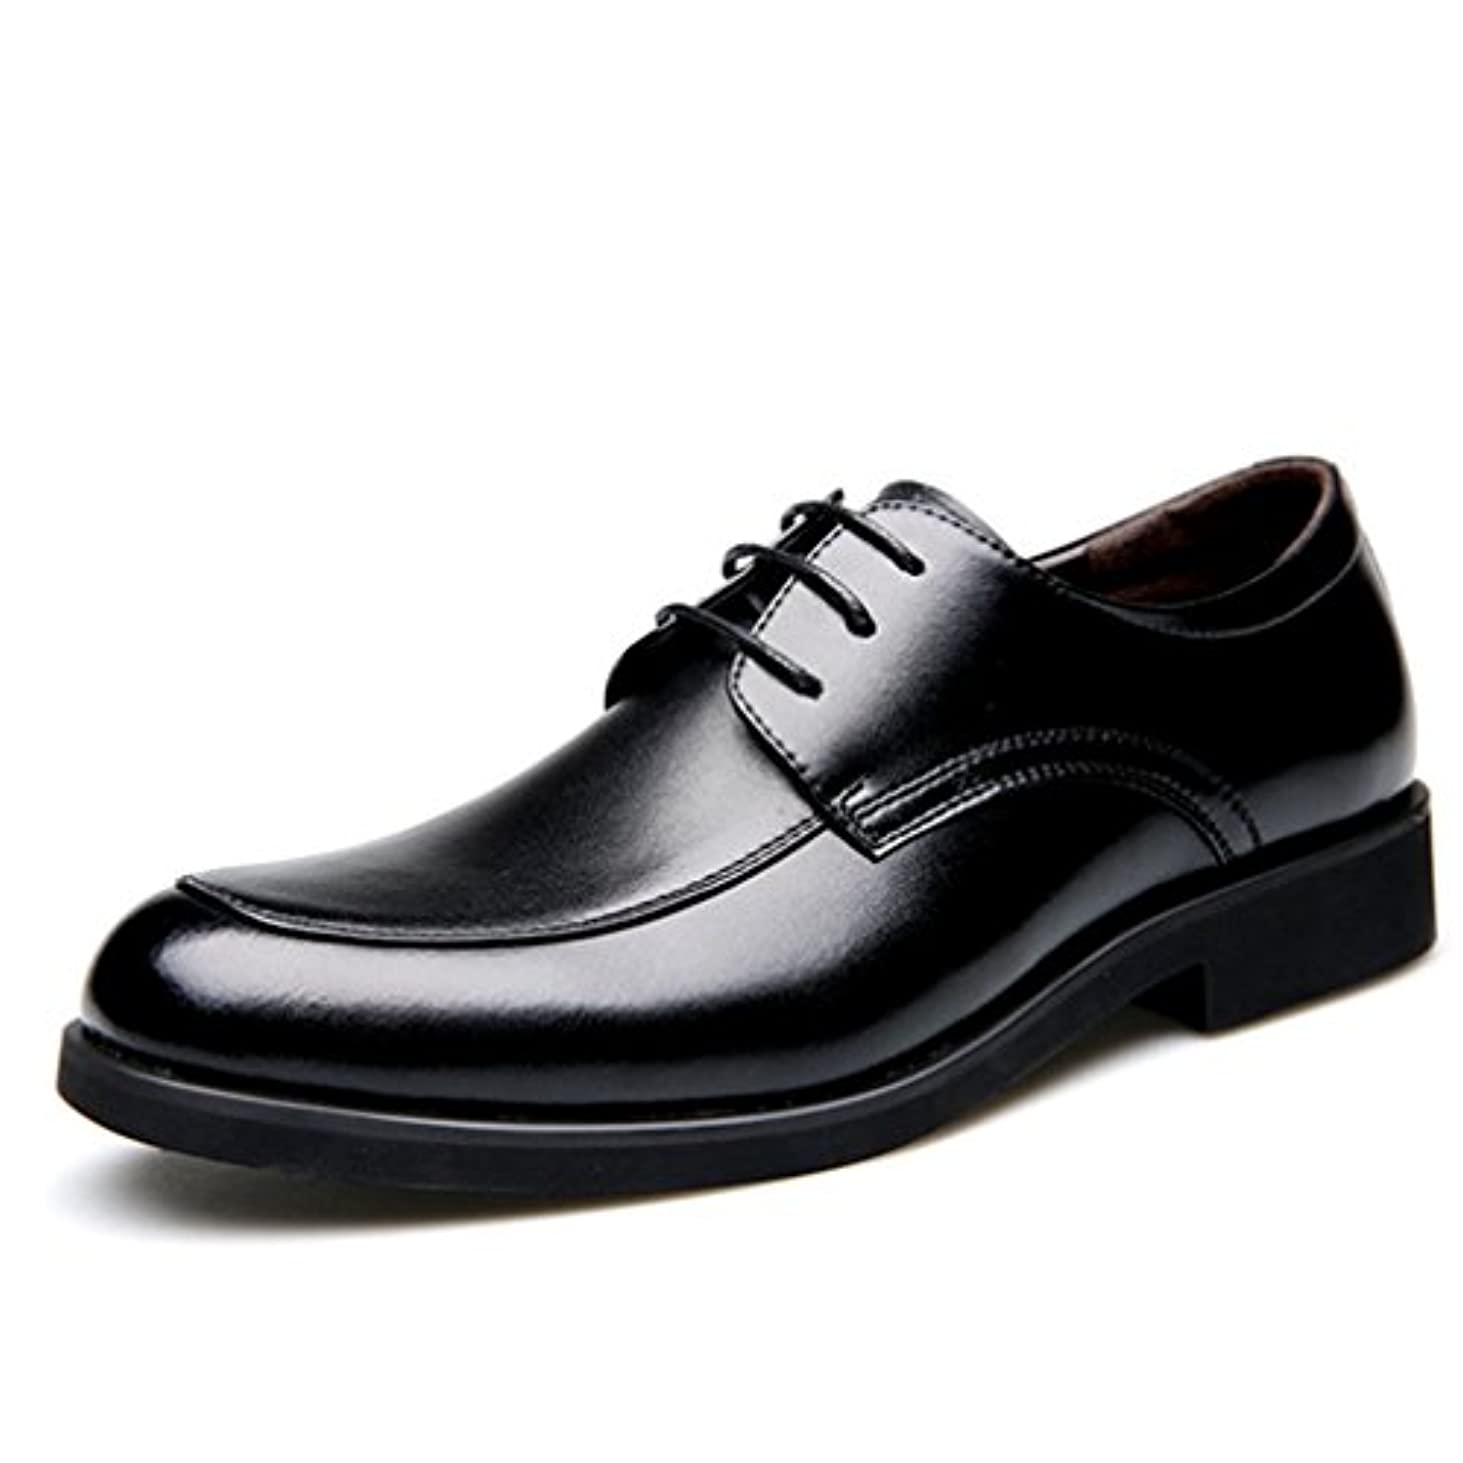 フリンジ絶えずハウジング[XINXIKEJI]ビジネスシューズ 紳士靴 メンズ 靴 高品質 革靴 就職面接 通勤 クラシック フォーマルドレス レースアップシューズ